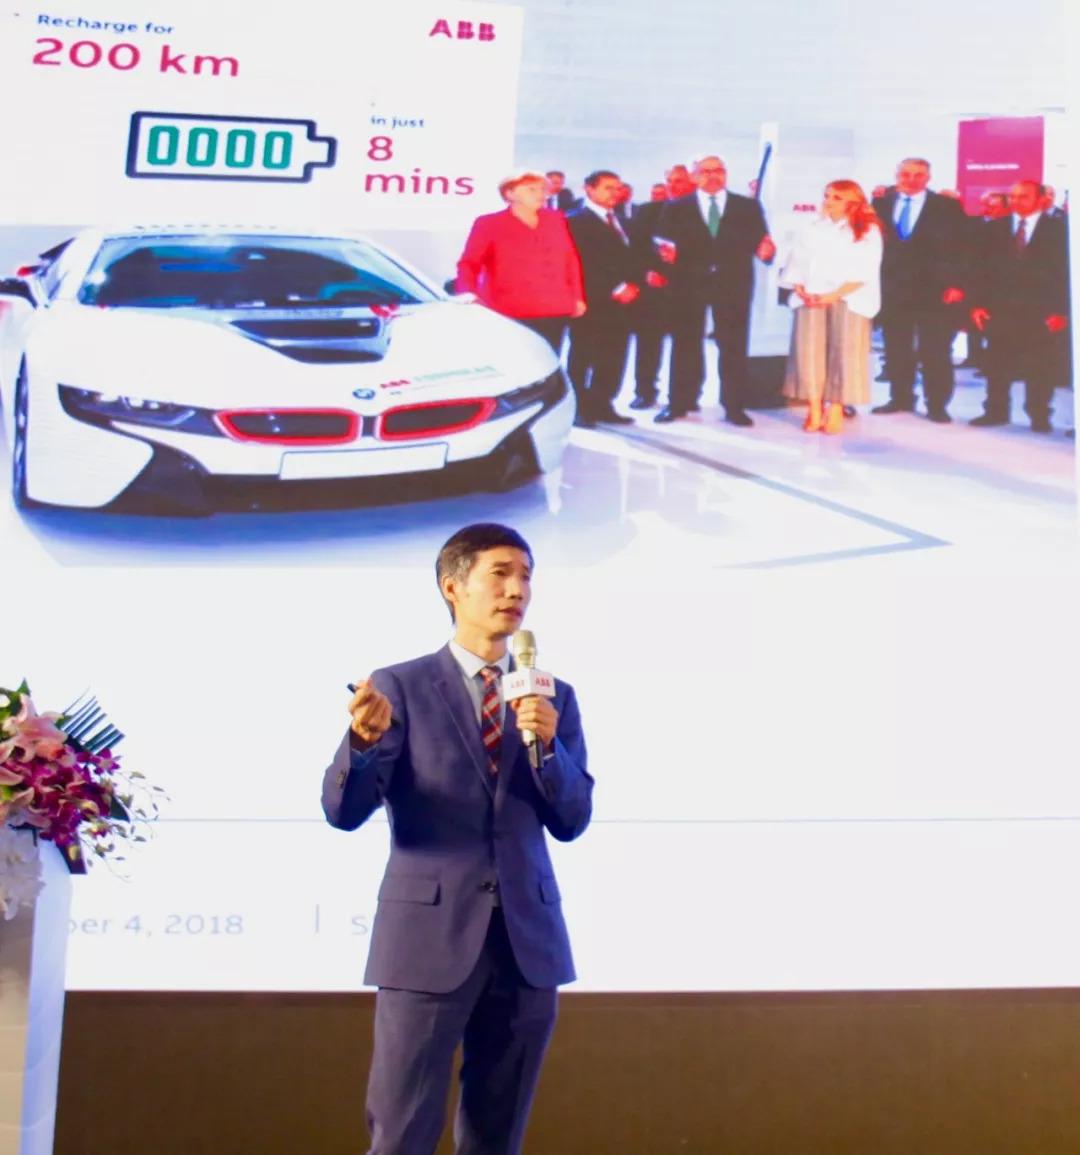 """由新疆走出去 ABB与中国企业合作共赢""""一带一路"""""""